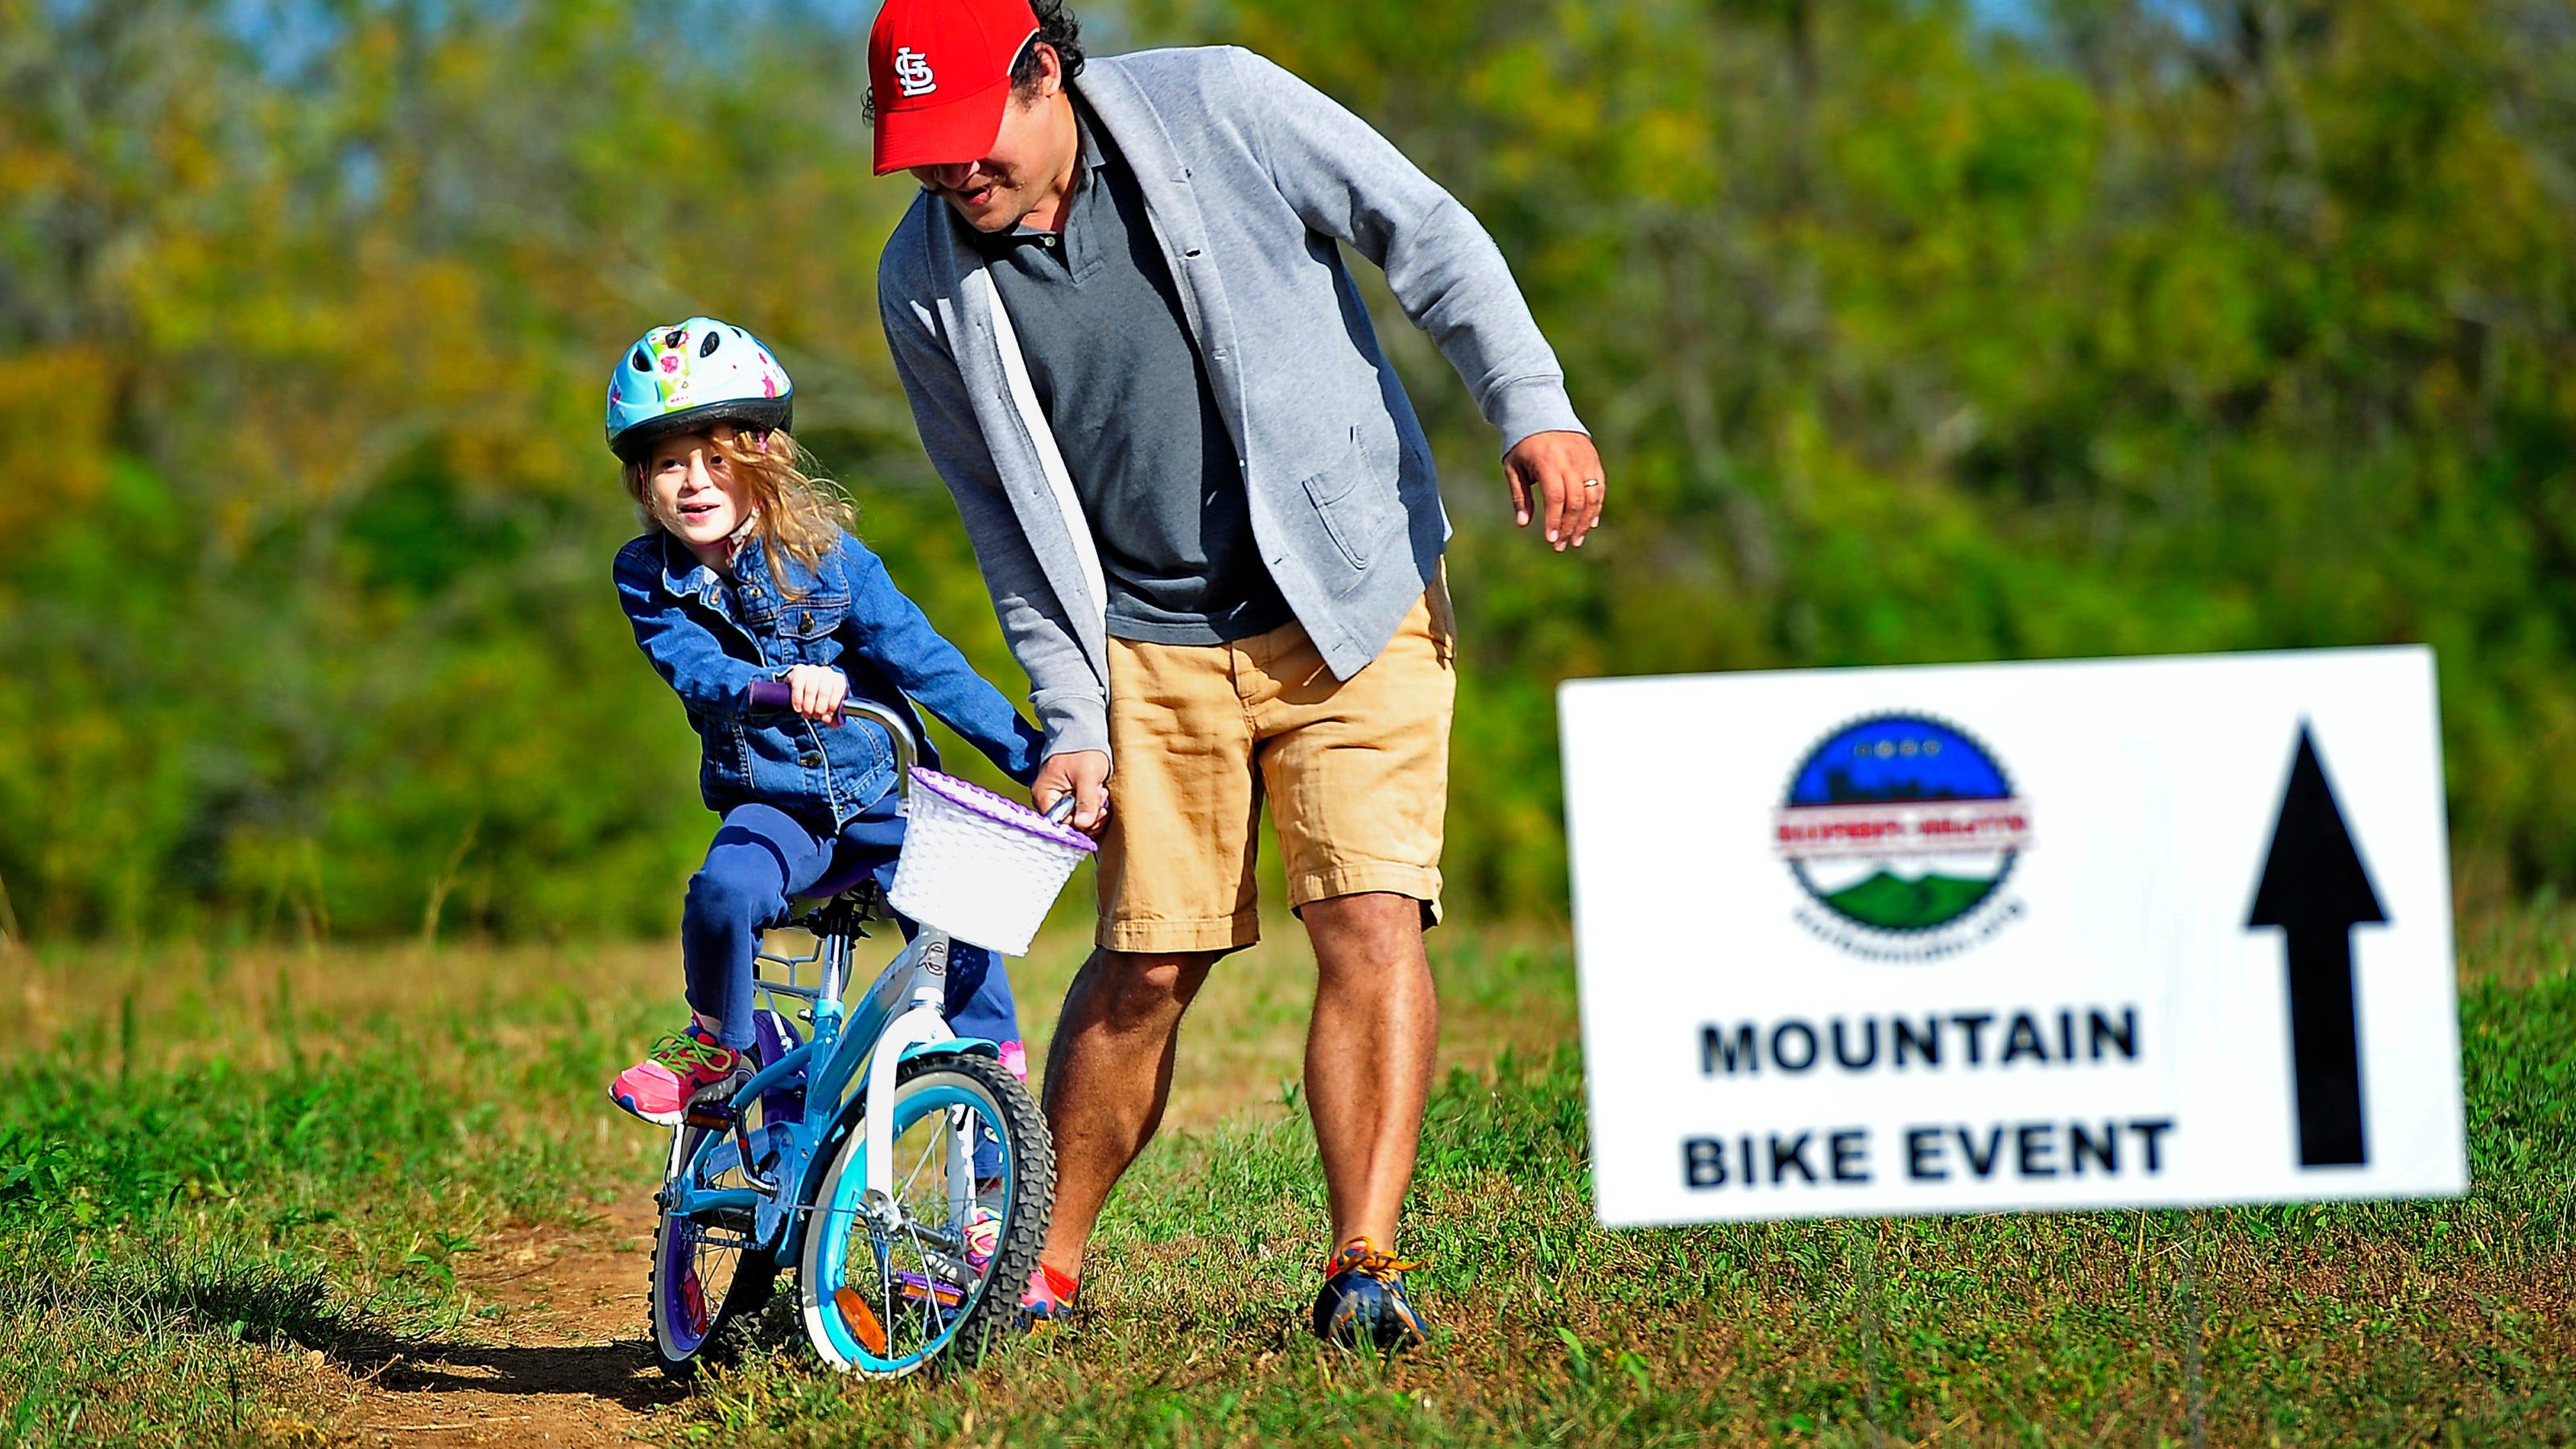 New Mountain Bike Trail Targets Beginners